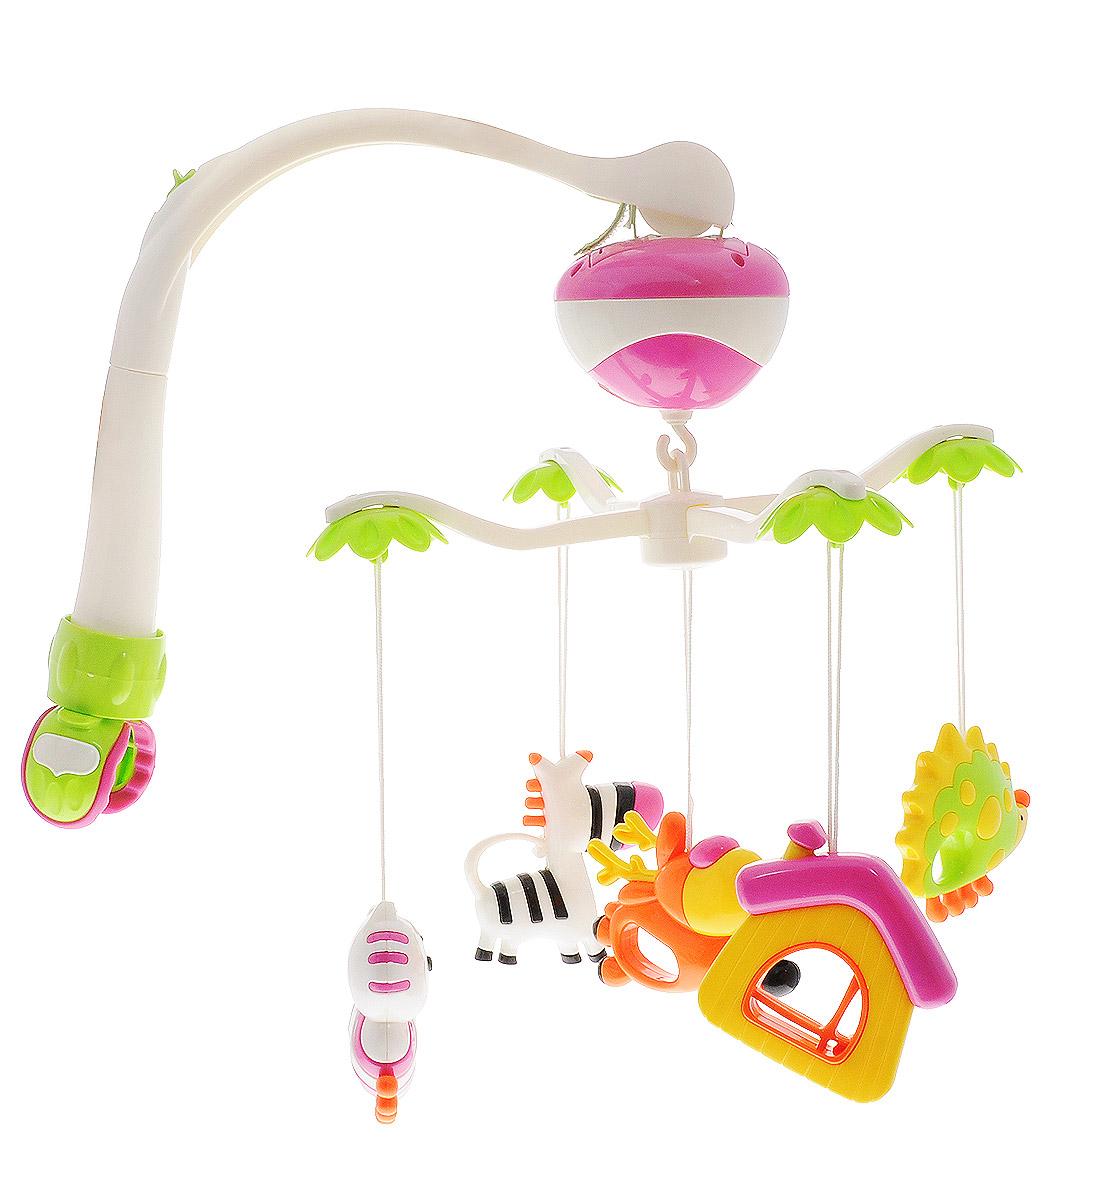 Maman Мобиль Музыкальная карусель с погремушками Зебра олень домик13015_зебра, ёжикМобиль Maman Музыкальная карусель с универсальным креплением устанавливается на кроватку, коляску или манеж. Мобиль проигрывает 12 колыбельных мелодий. Имеются два режима работы: вращение карусели с последовательным проигрыванием 12 мелодий; возможность отключения мелодии при вращении карусели. Мобиль дополнен пятью яркими погремушками на текстильных шнурках. Погремушки можно снять и играть с ними отдельно. Каждая погремушка имеет удобное для детских ручек отверстие. Мобиль позволяет занимать внимание ребенка в течение продолжительного времени. Малыш будет с интересом слушать мелодии и наблюдать за вращением игрушек. Такой мобиль доставит удовольствие вашей крохе и обогатит его новыми впечатлениями. Мобиль Maman Музыкальная карусель способствует развитию у ребенка восприятия цвета, движения и звука. Для работы мобиля необходимо 3 батарейки типа АА (не входят в комплект). Лепестки в ассортименте.